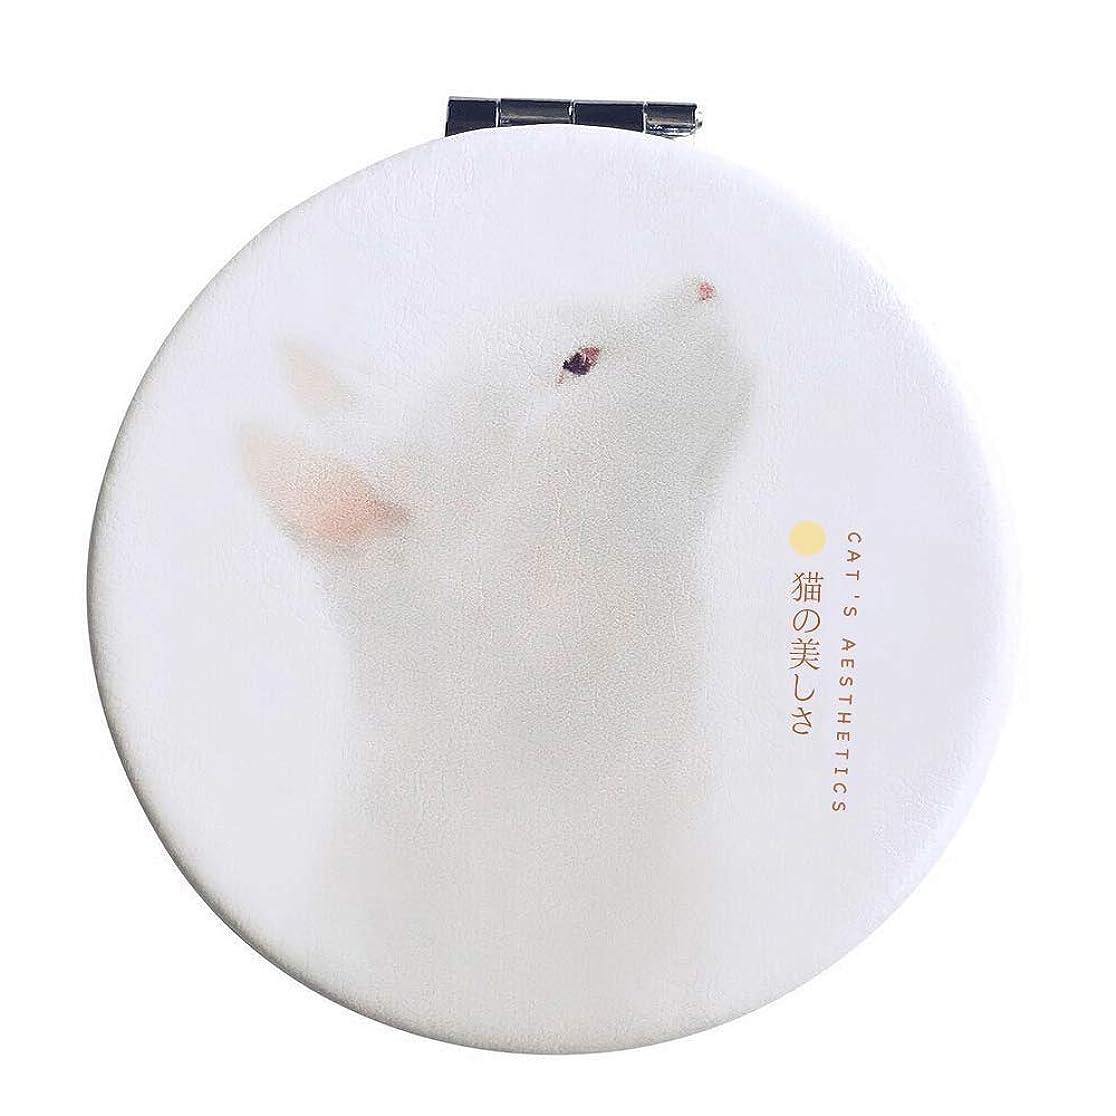 もちろん磁器ラベコンパクトミラー 手鏡 折りたたみ 割れない 3倍拡大鏡付き 猫 丸型